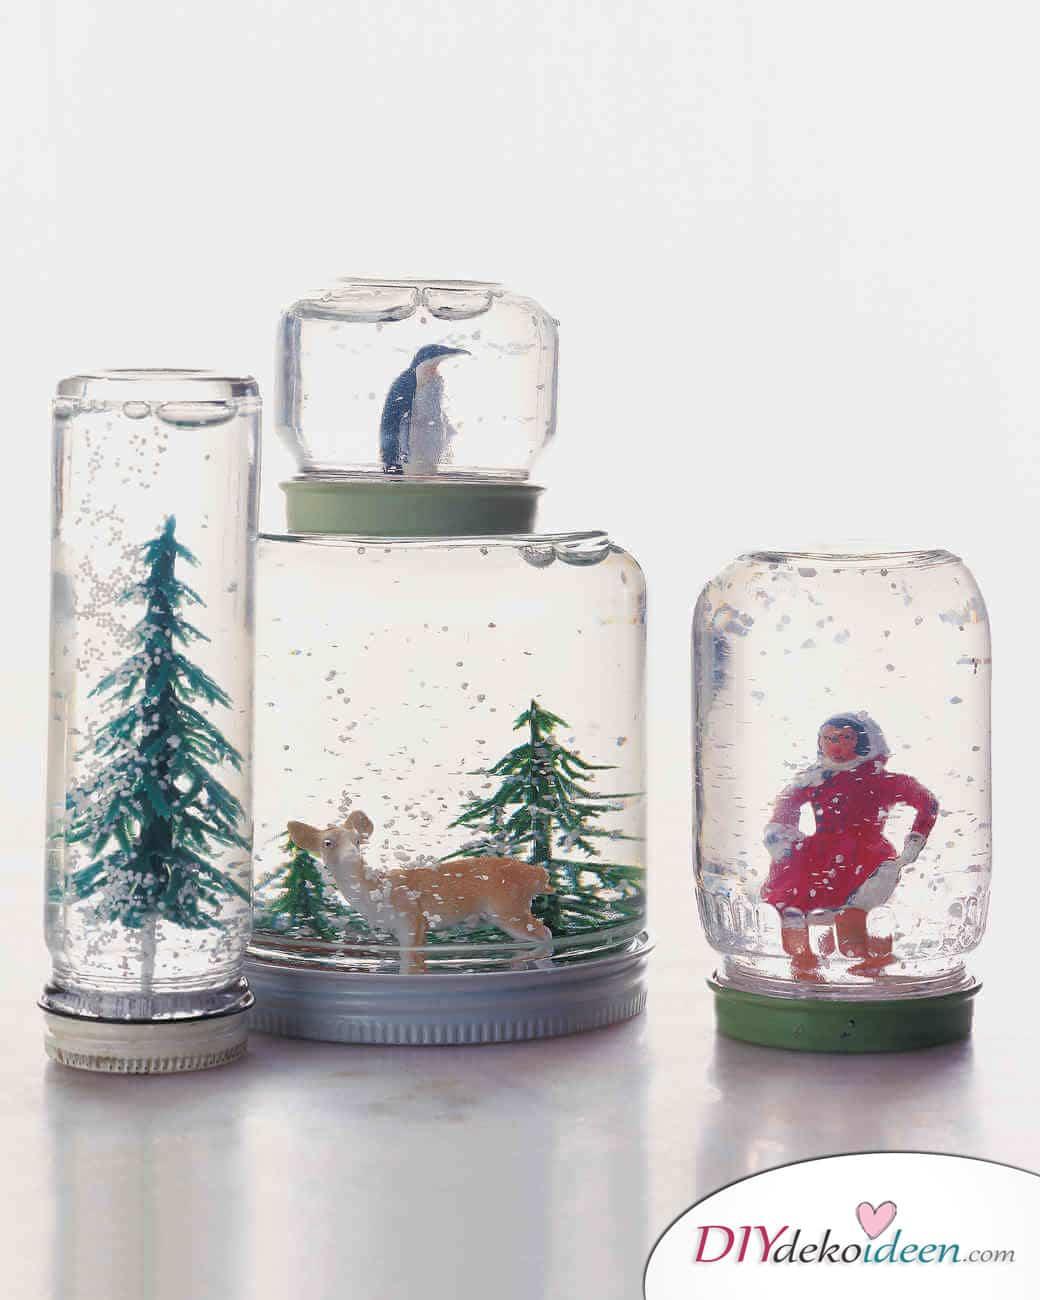 Weihnachtsbasteln mit Kindern - 15 Ideen - basteln mit Kindern - Schneekugeln basteln - Weihnachten